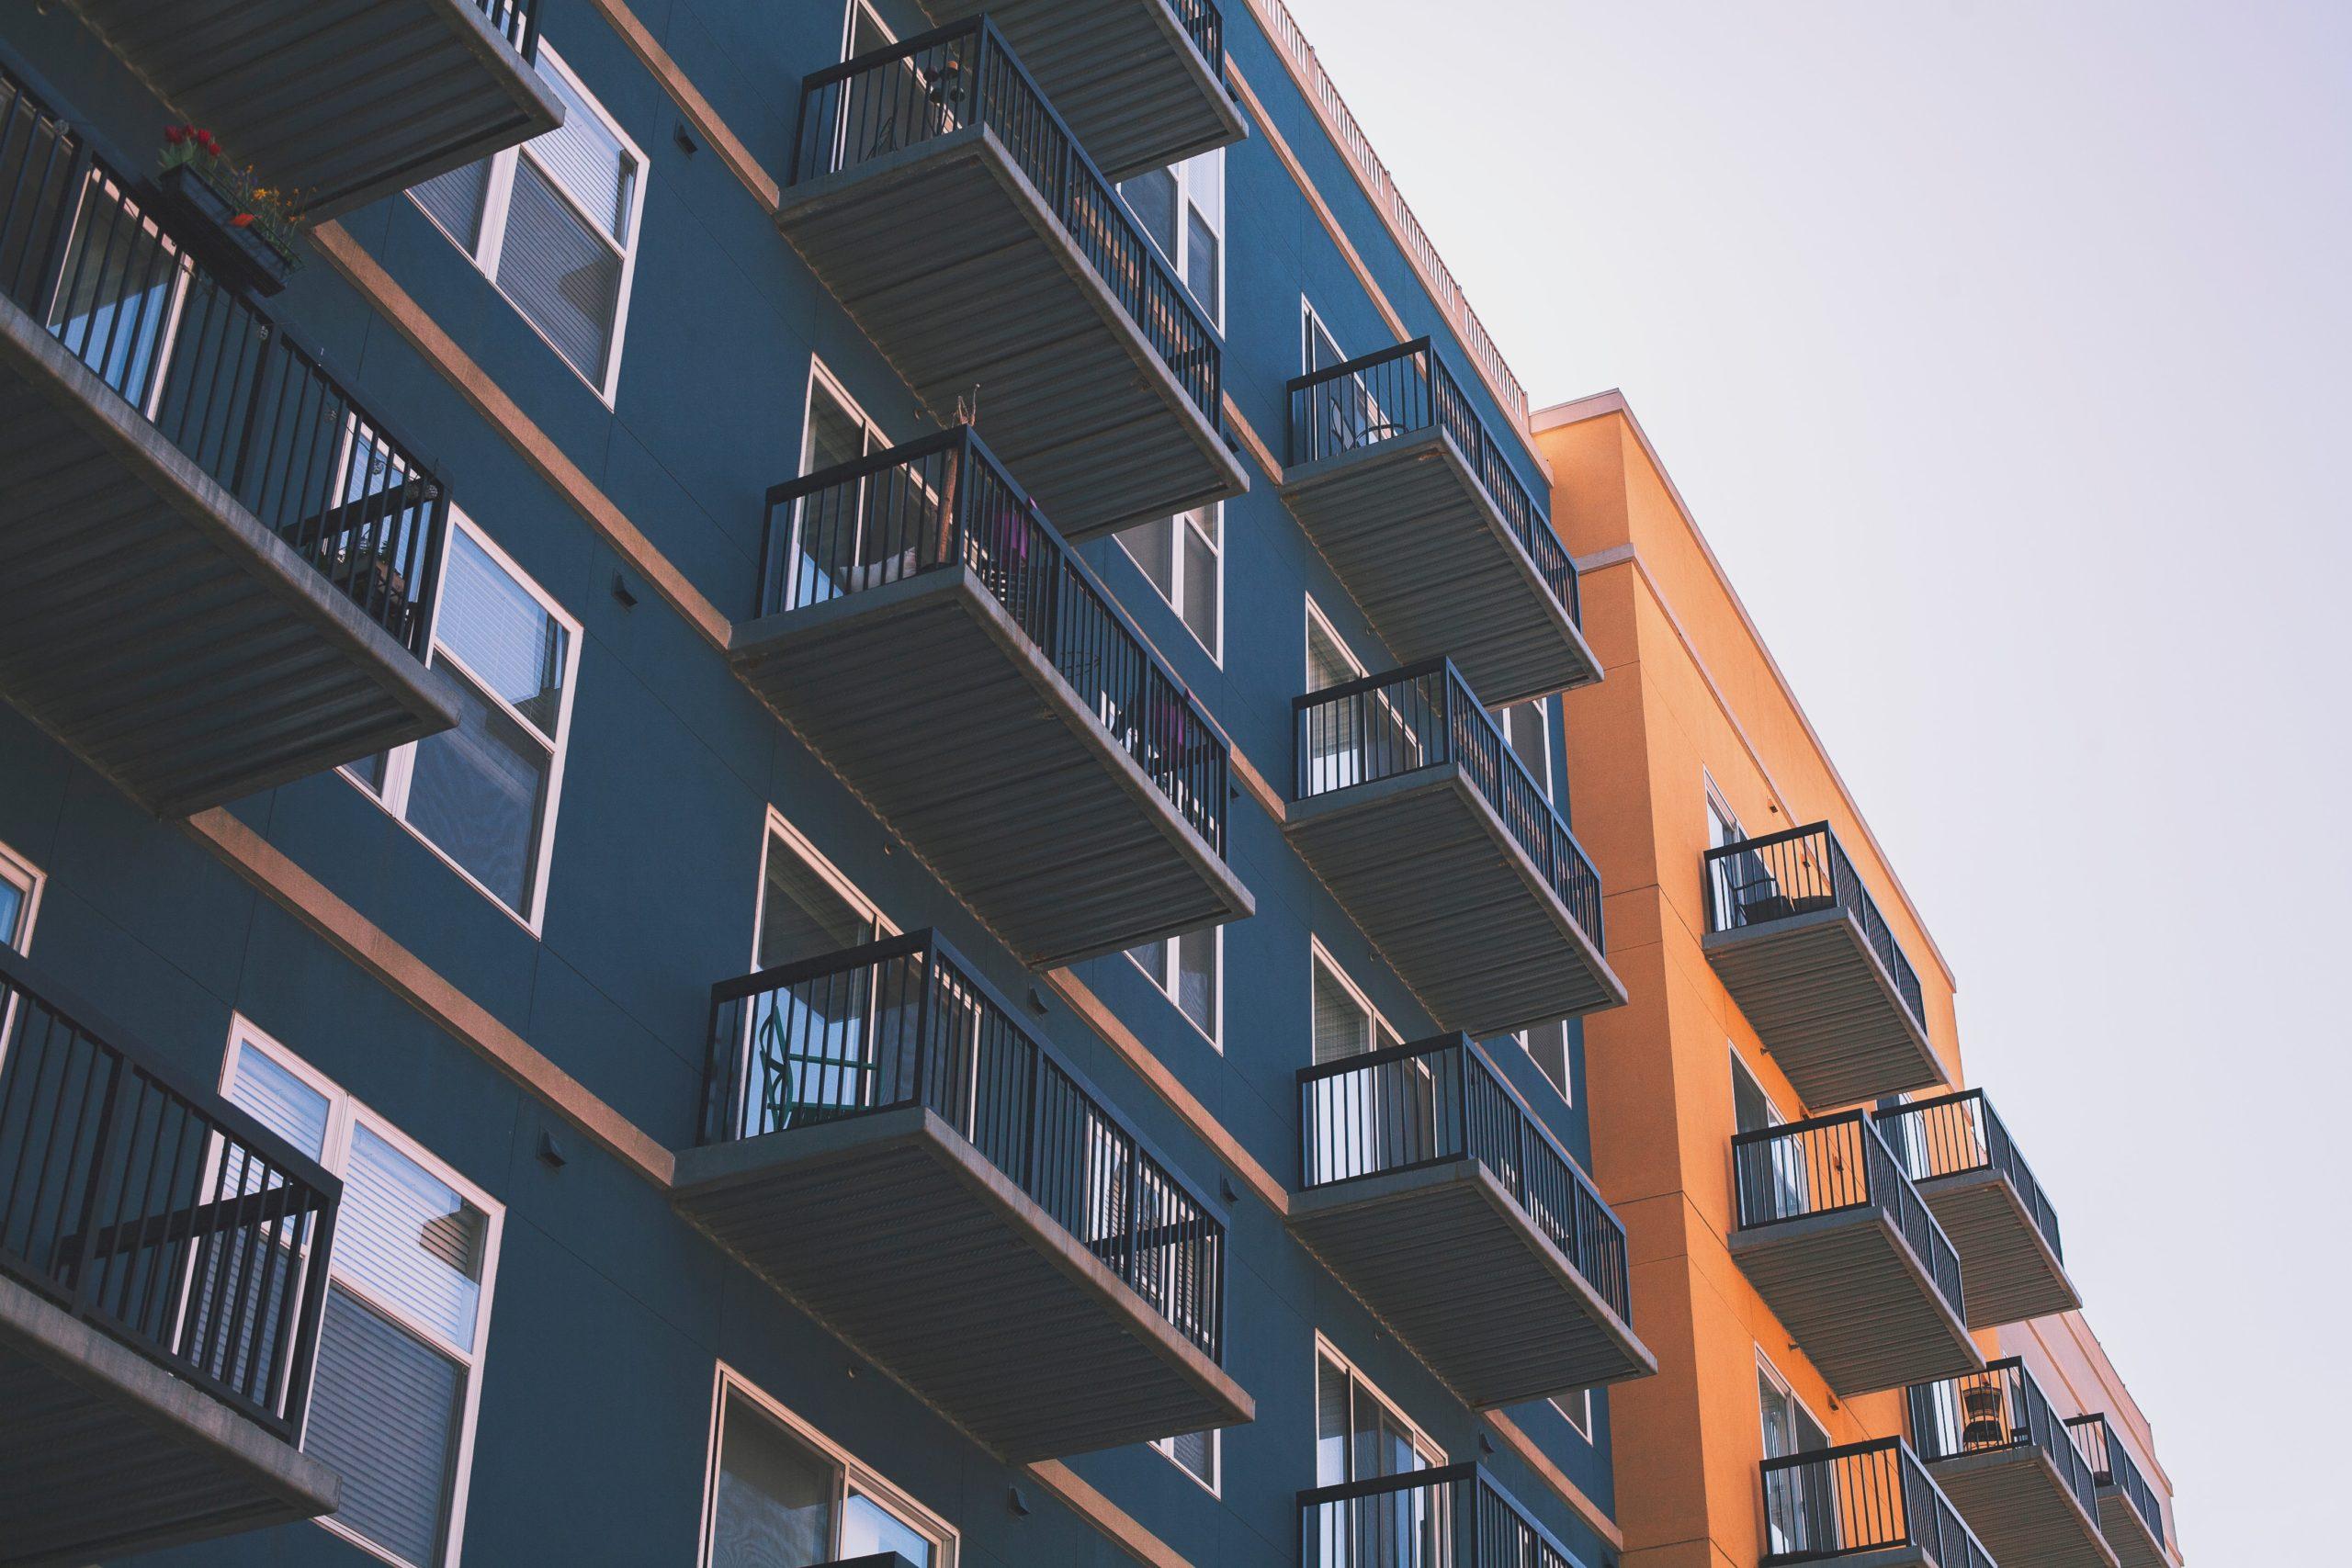 中国のマンション価格が年収の57倍、バブル到来?かつての日本を超える水準